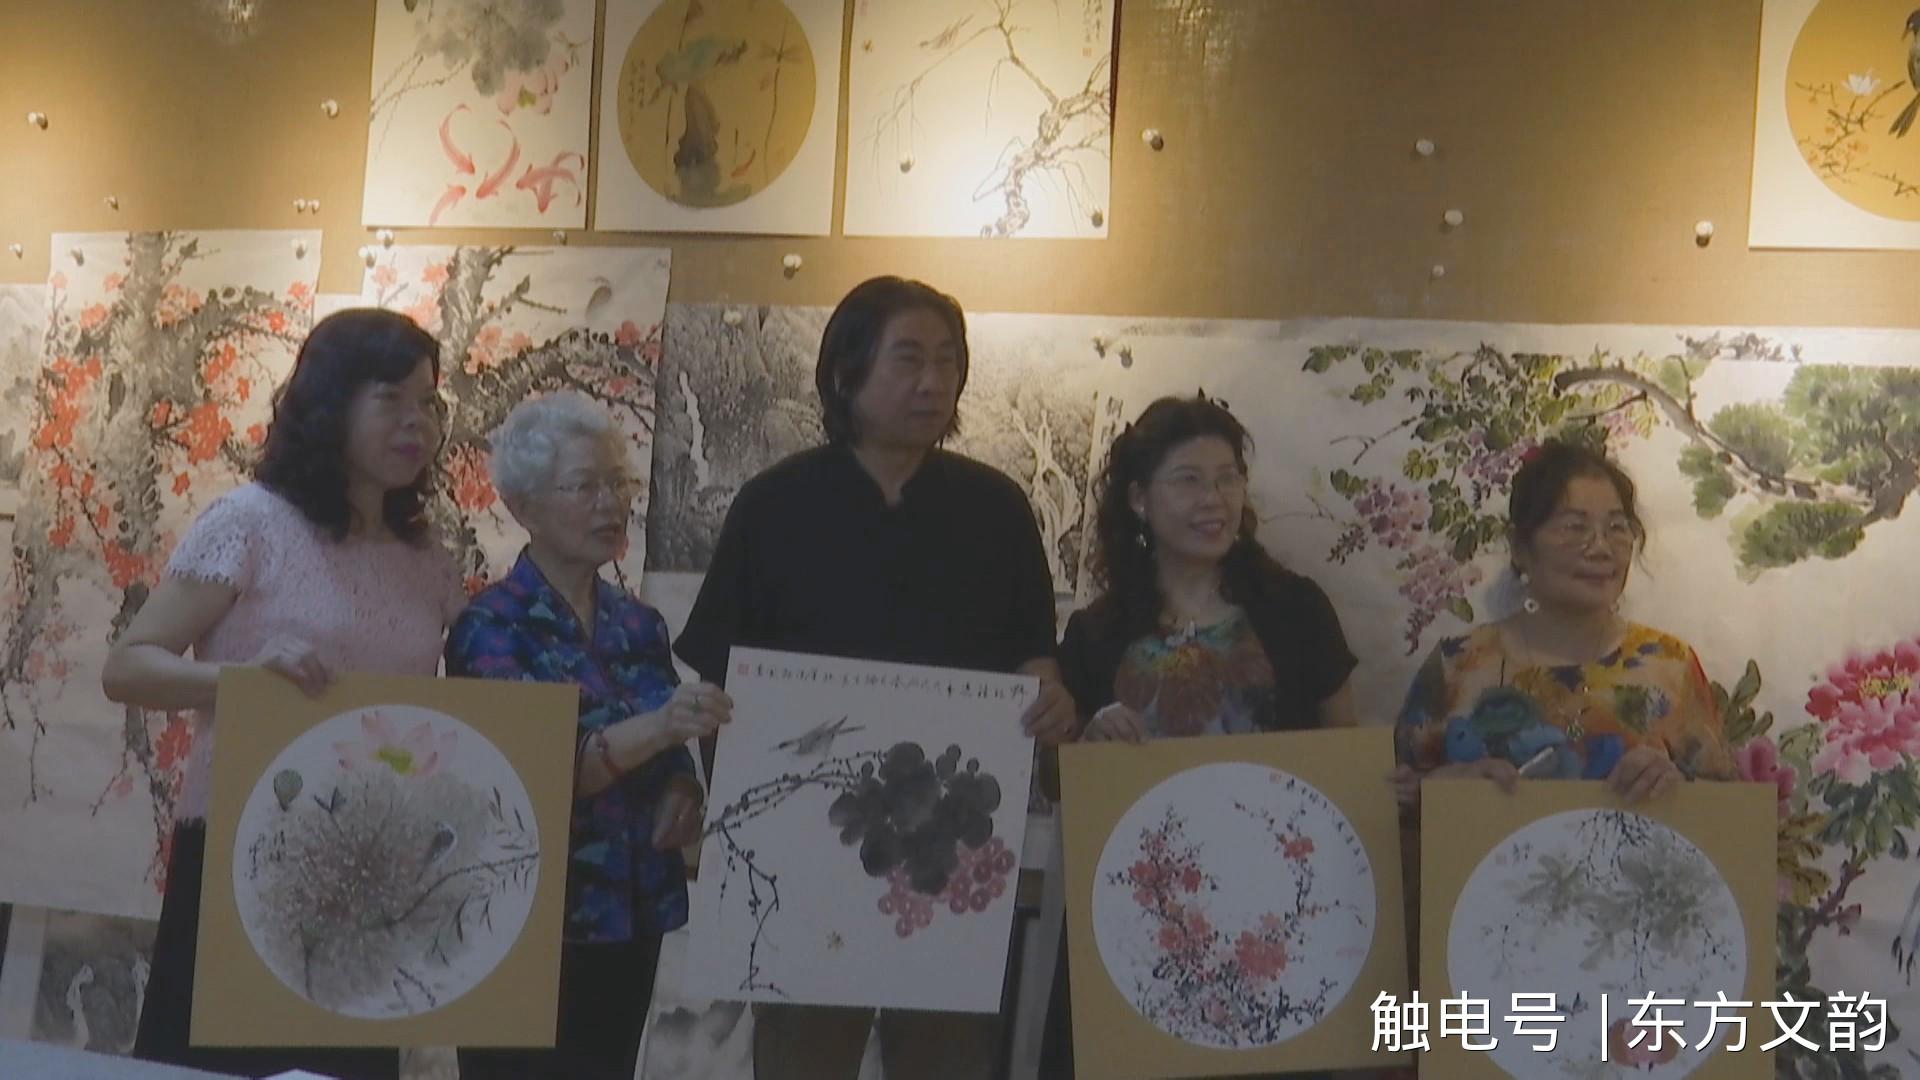 安徽画家刘瑞京赠送作品给台湾艺术家